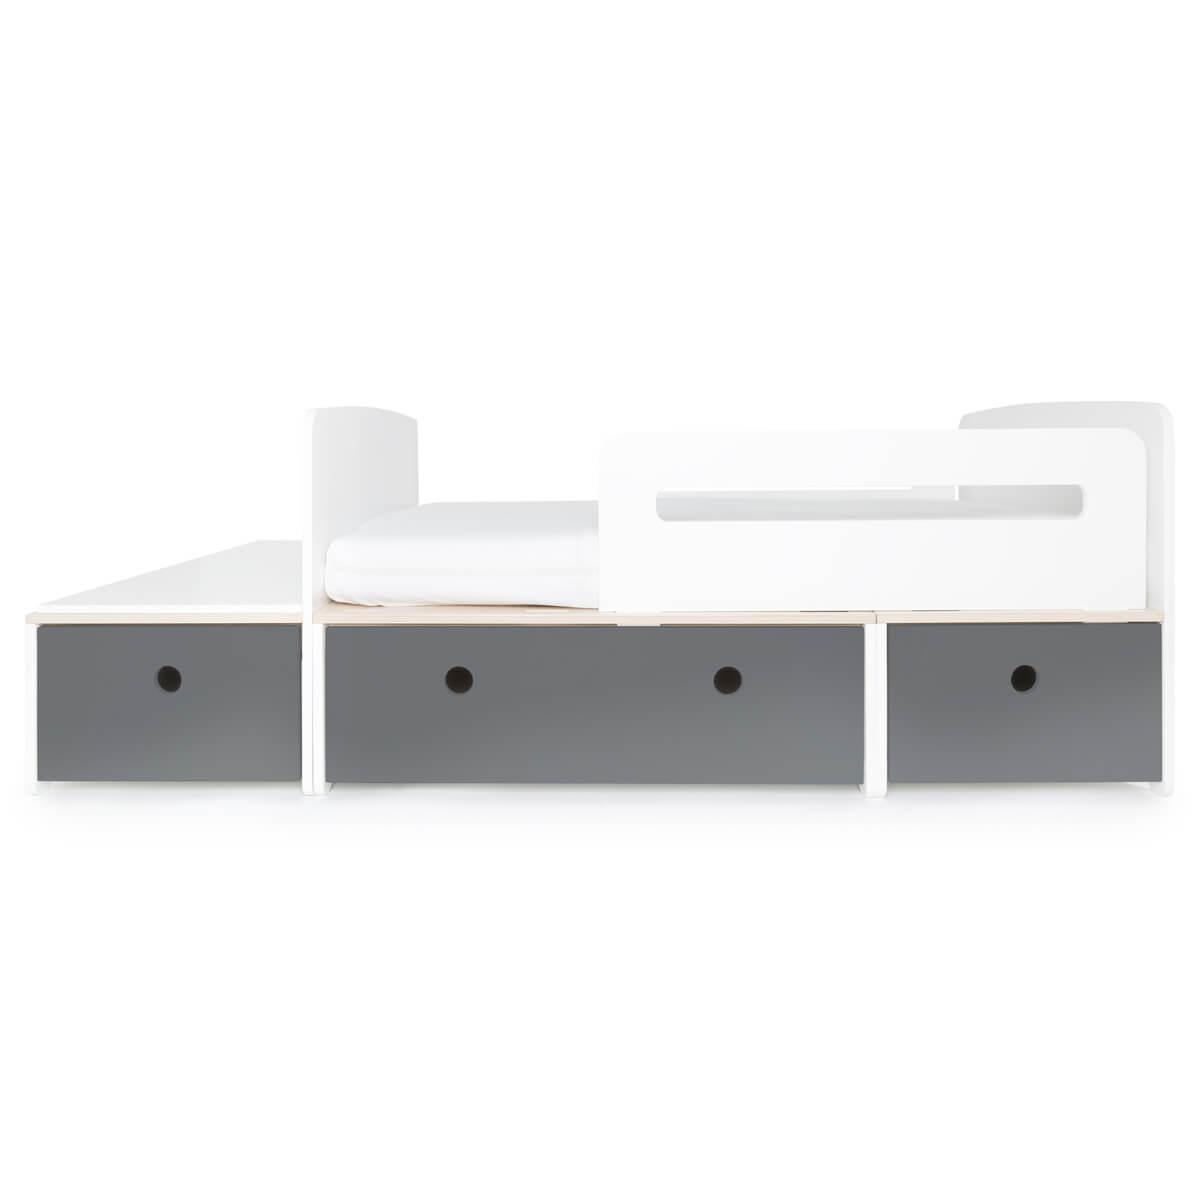 Juniorbett mitwachsend 90x150/200cm COLORFLEX space grey